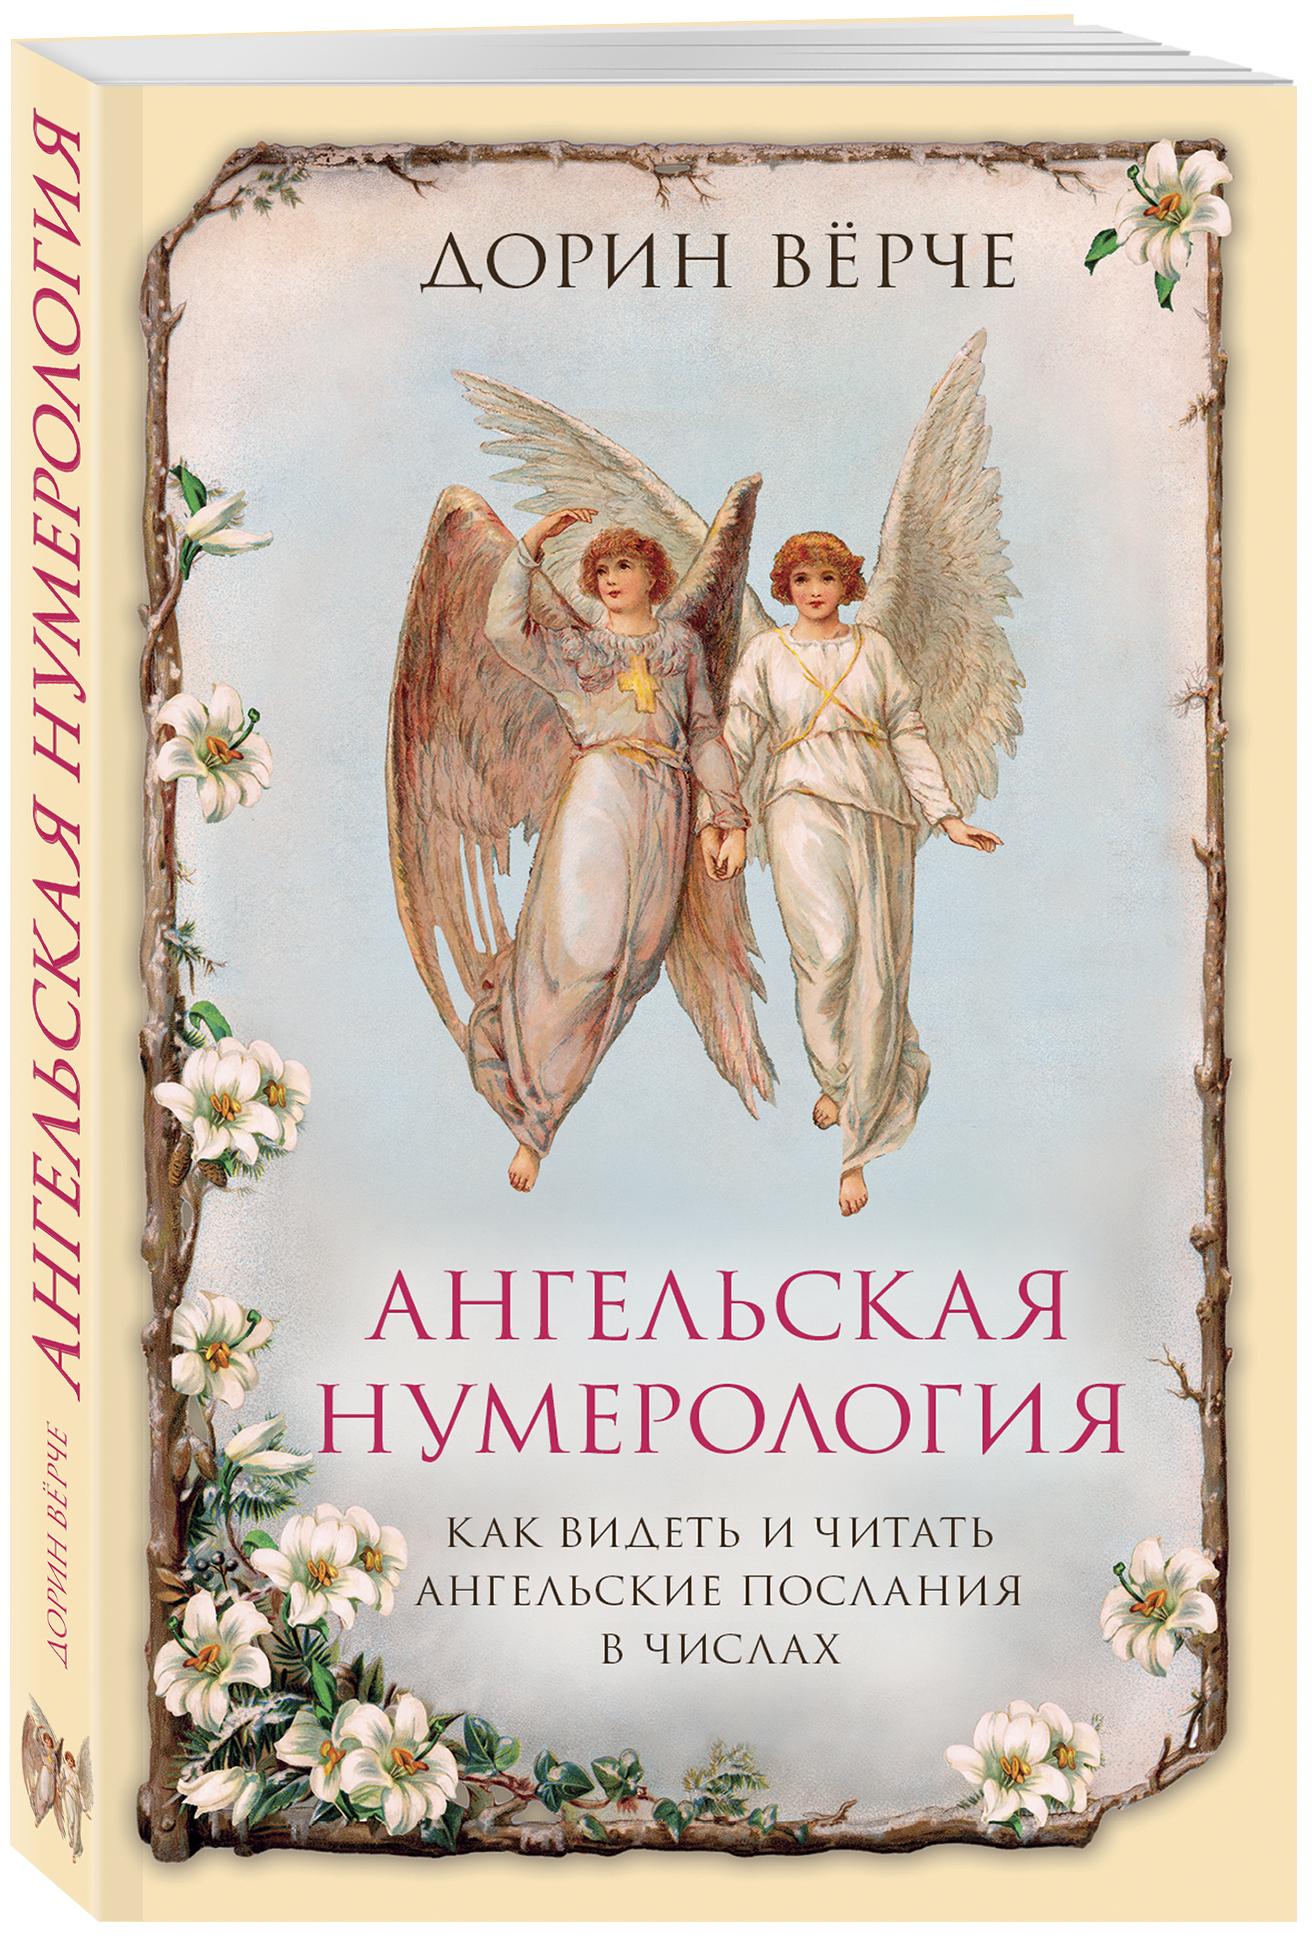 Ангельская нумерология. Как видеть и читать послания ангелов в числах ( Верче Дорин  )